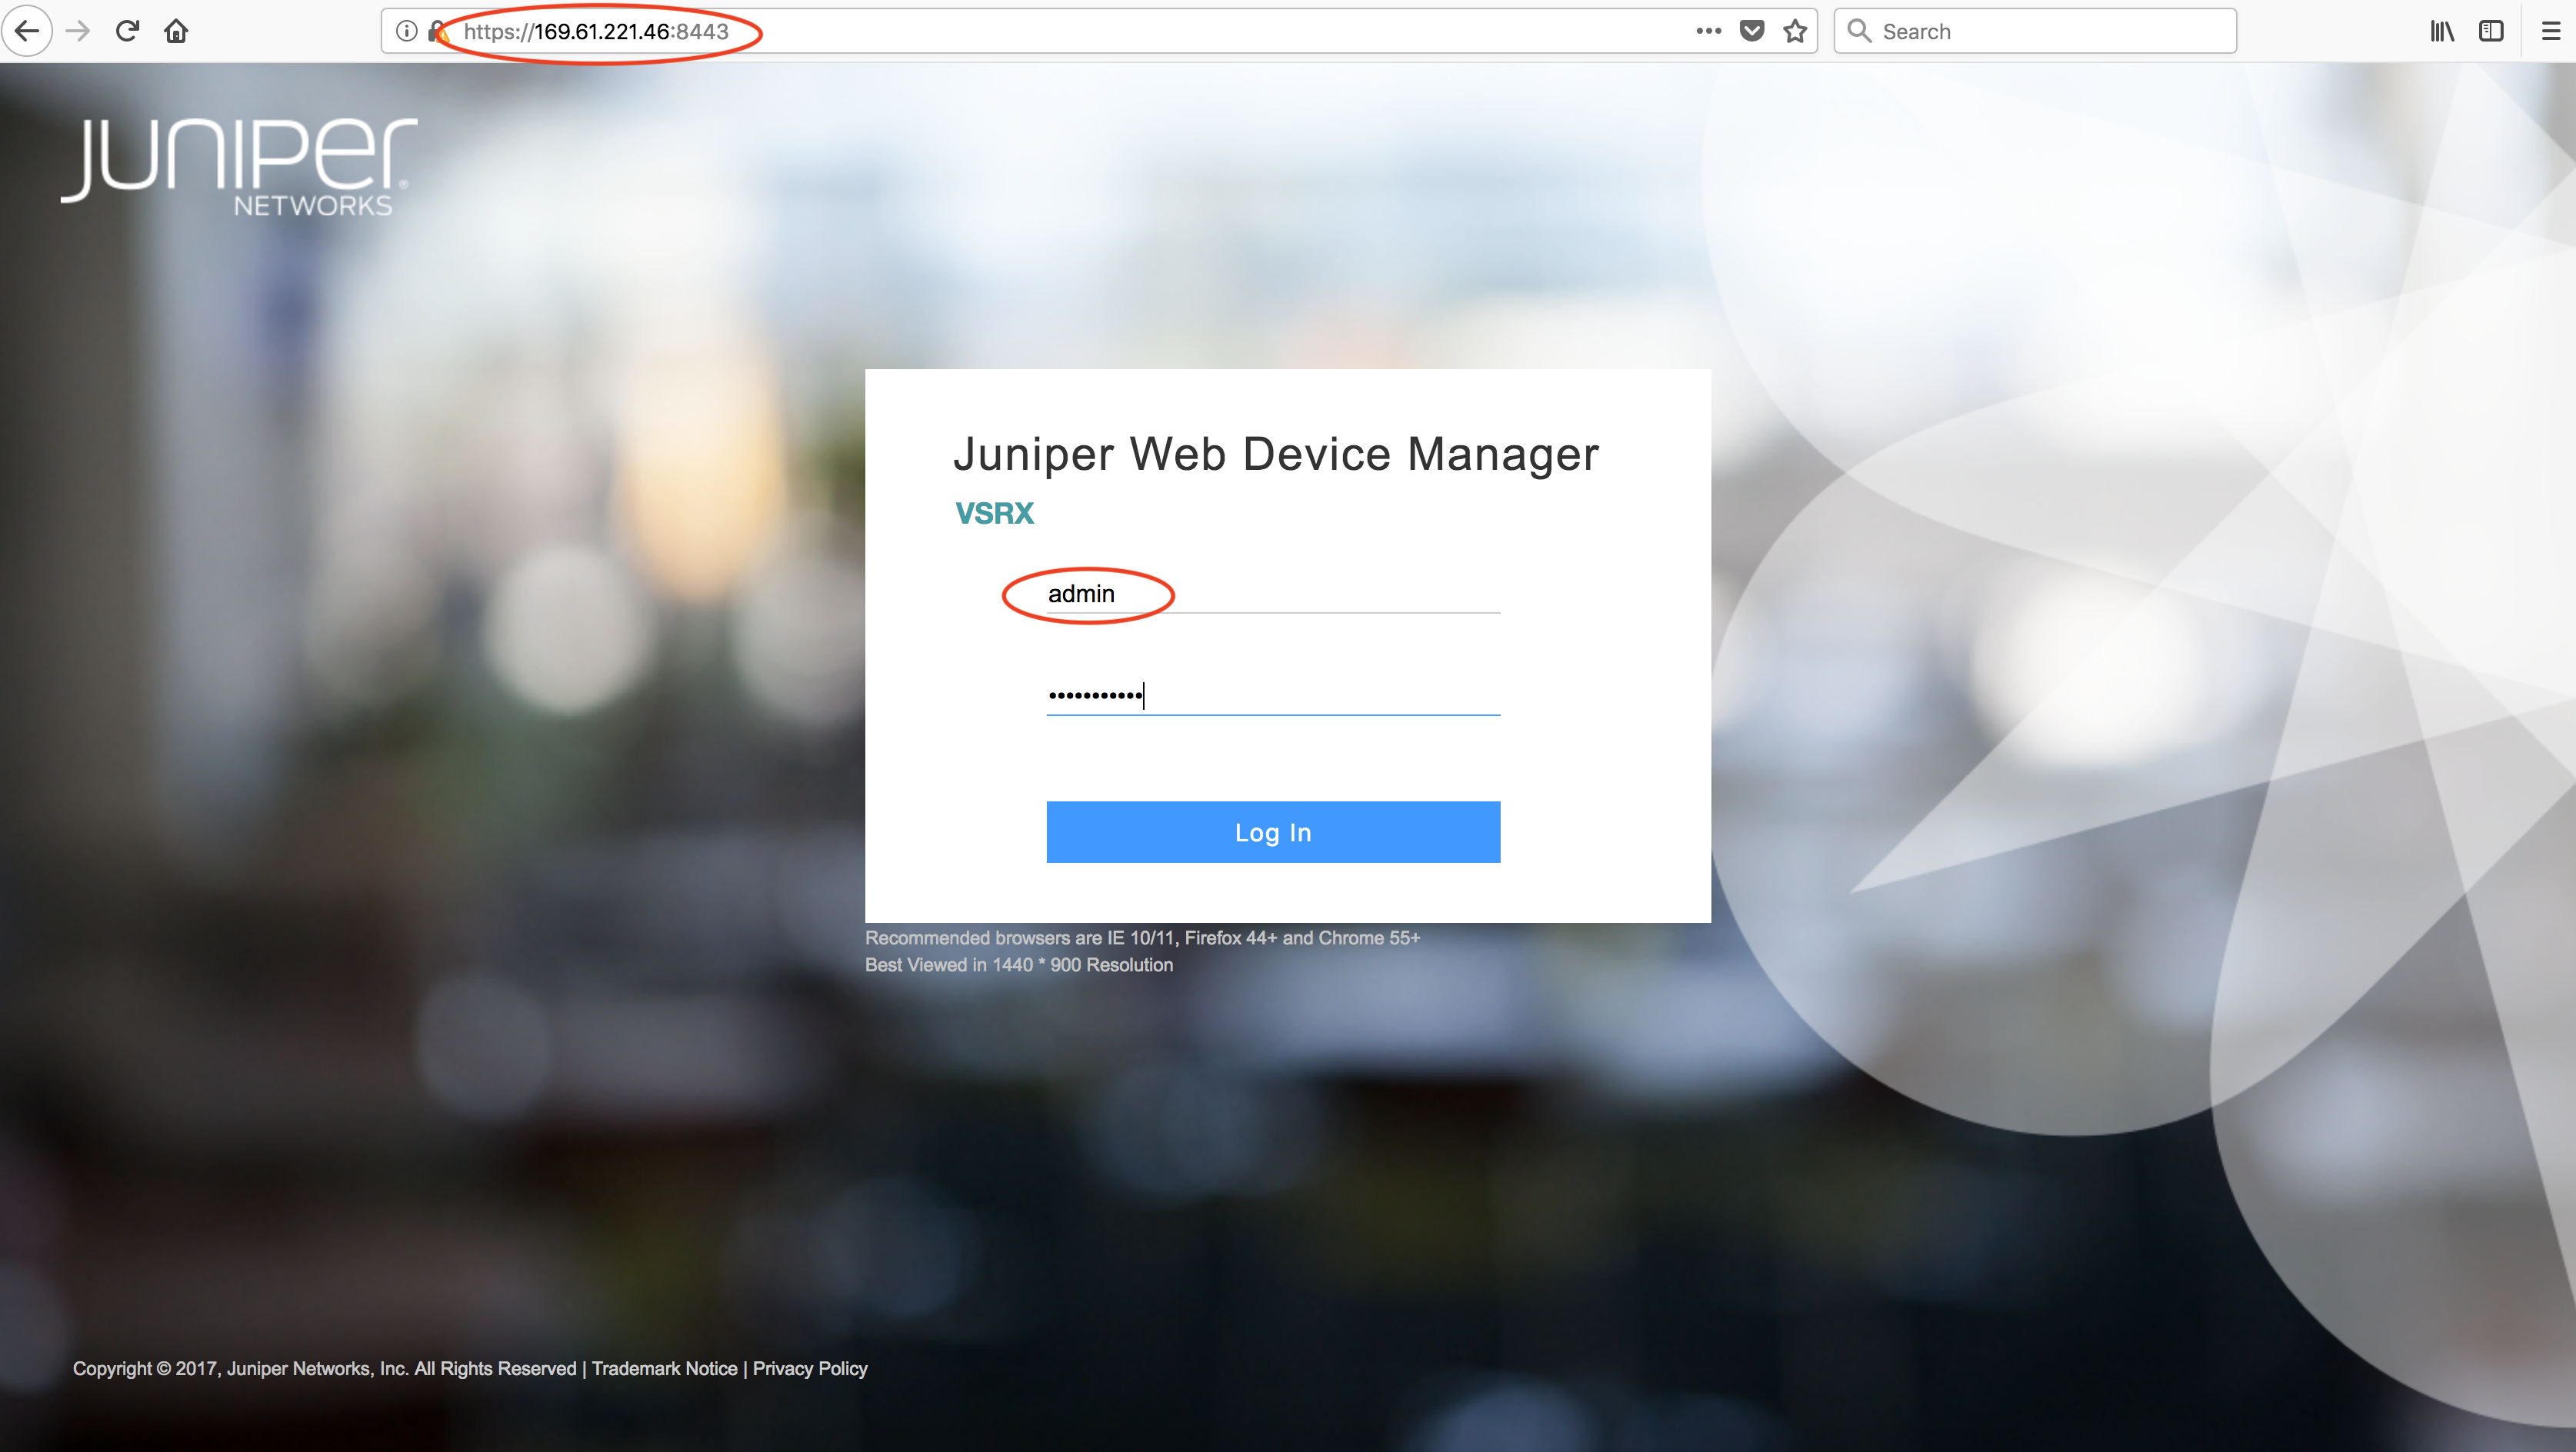 Performing IBM Cloud Juniper vSRX Basics